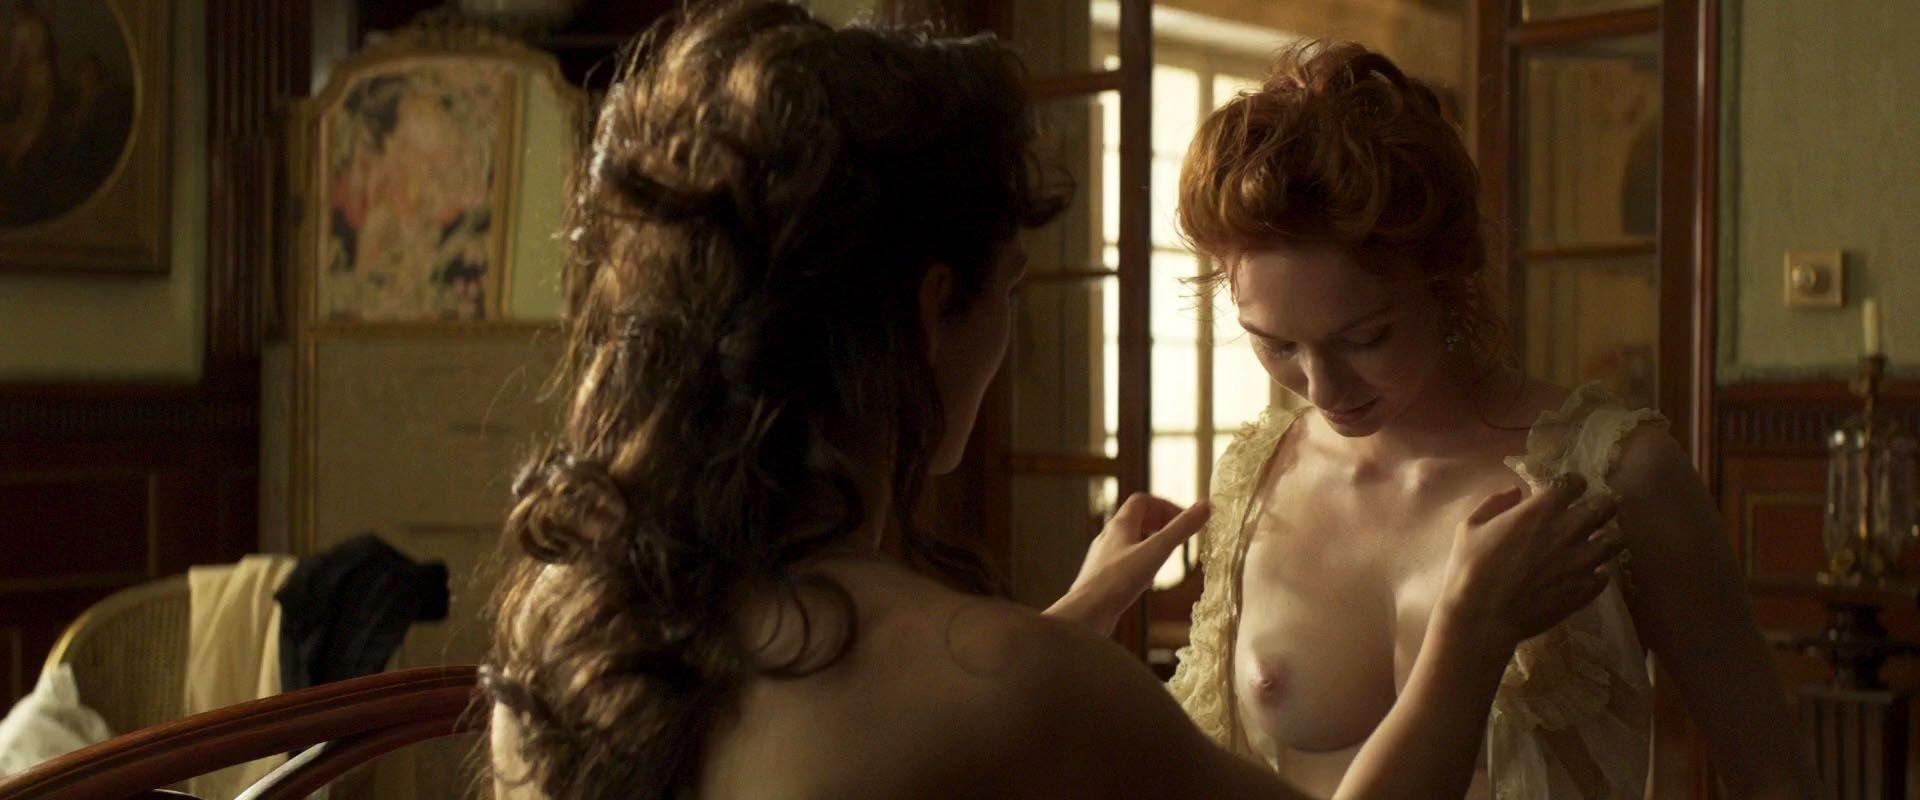 Gif nude keira knightley